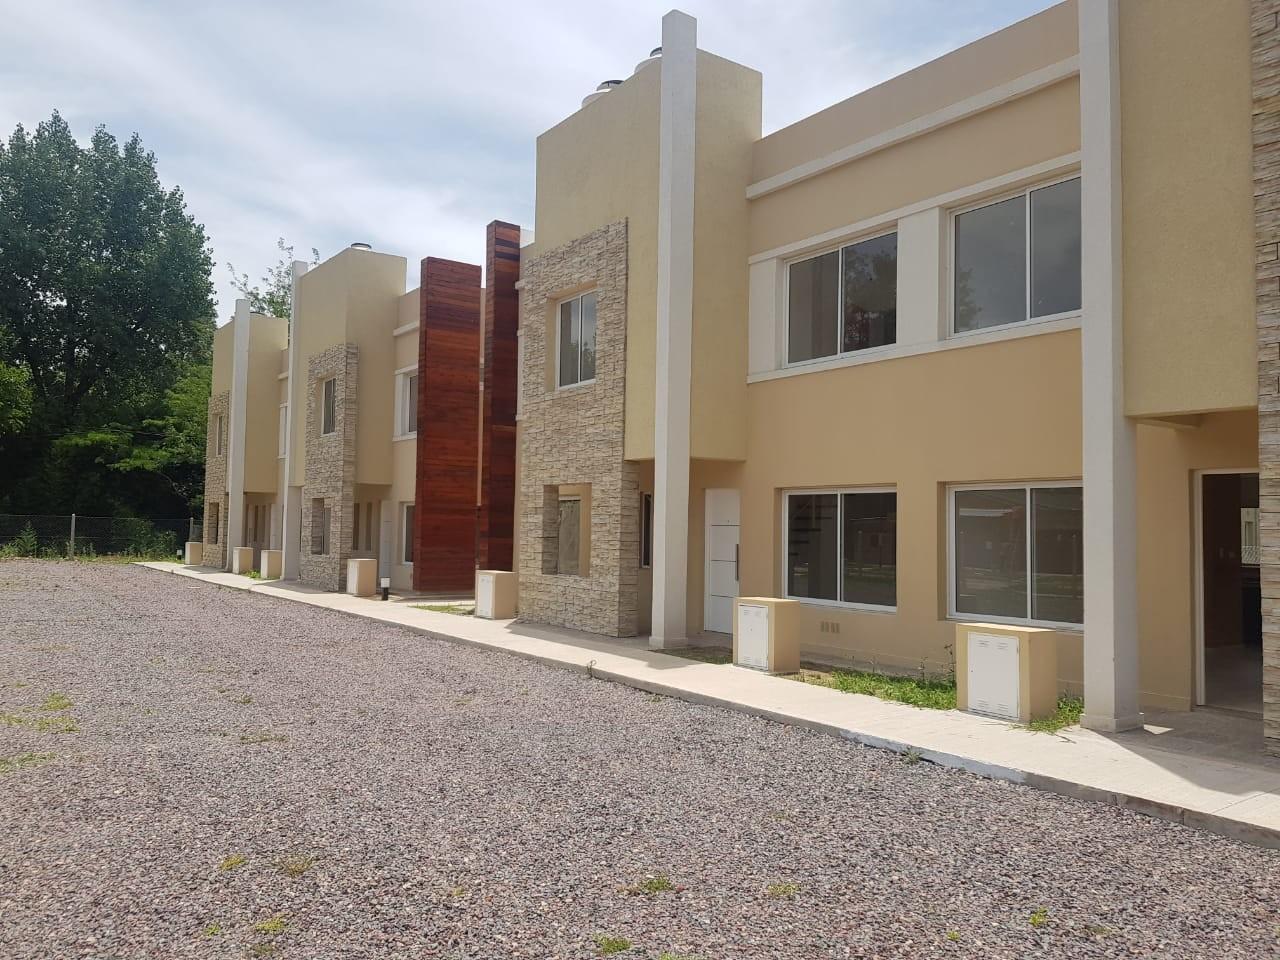 Dúplex complejo Cerrado a , en Venta - Casacuberta 822 (Muñiz)